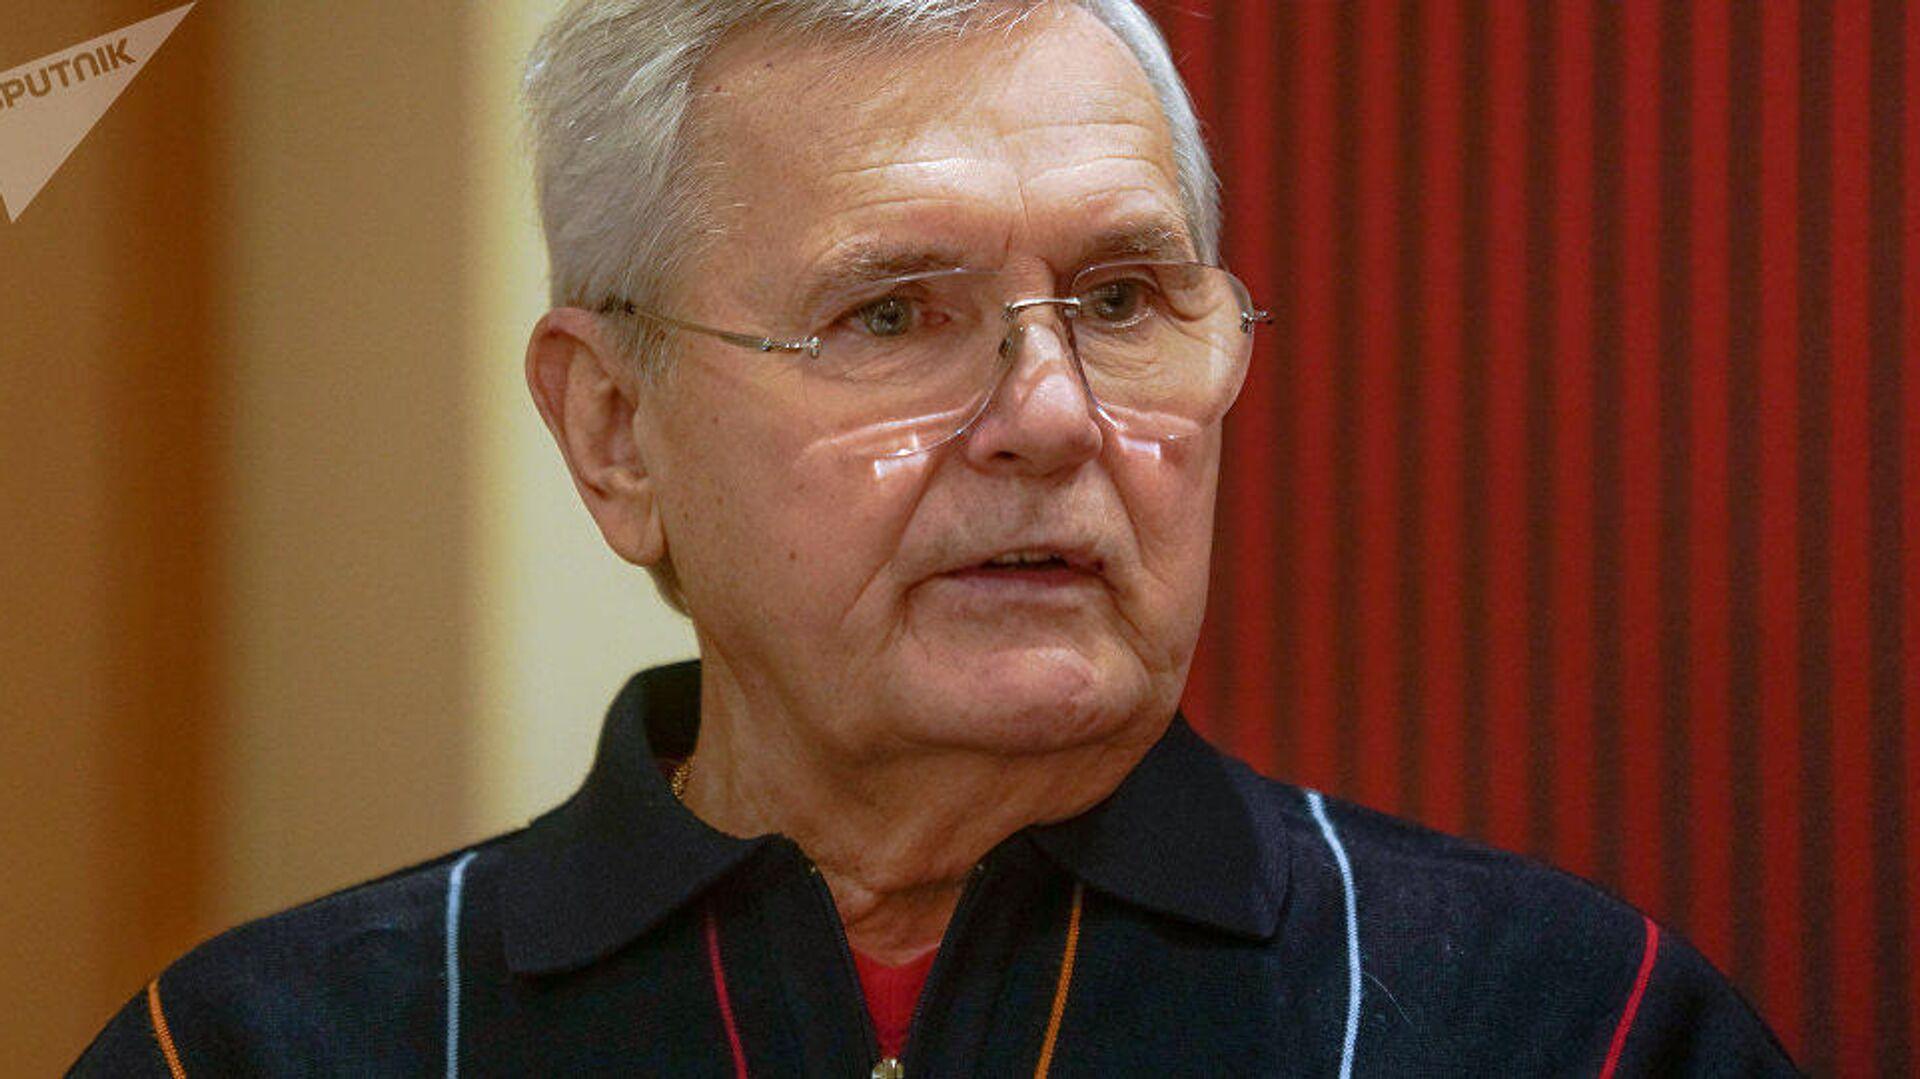 Бывший министр иностранных дел Латвии Янис Юрканс - РИА Новости, 1920, 28.07.2021